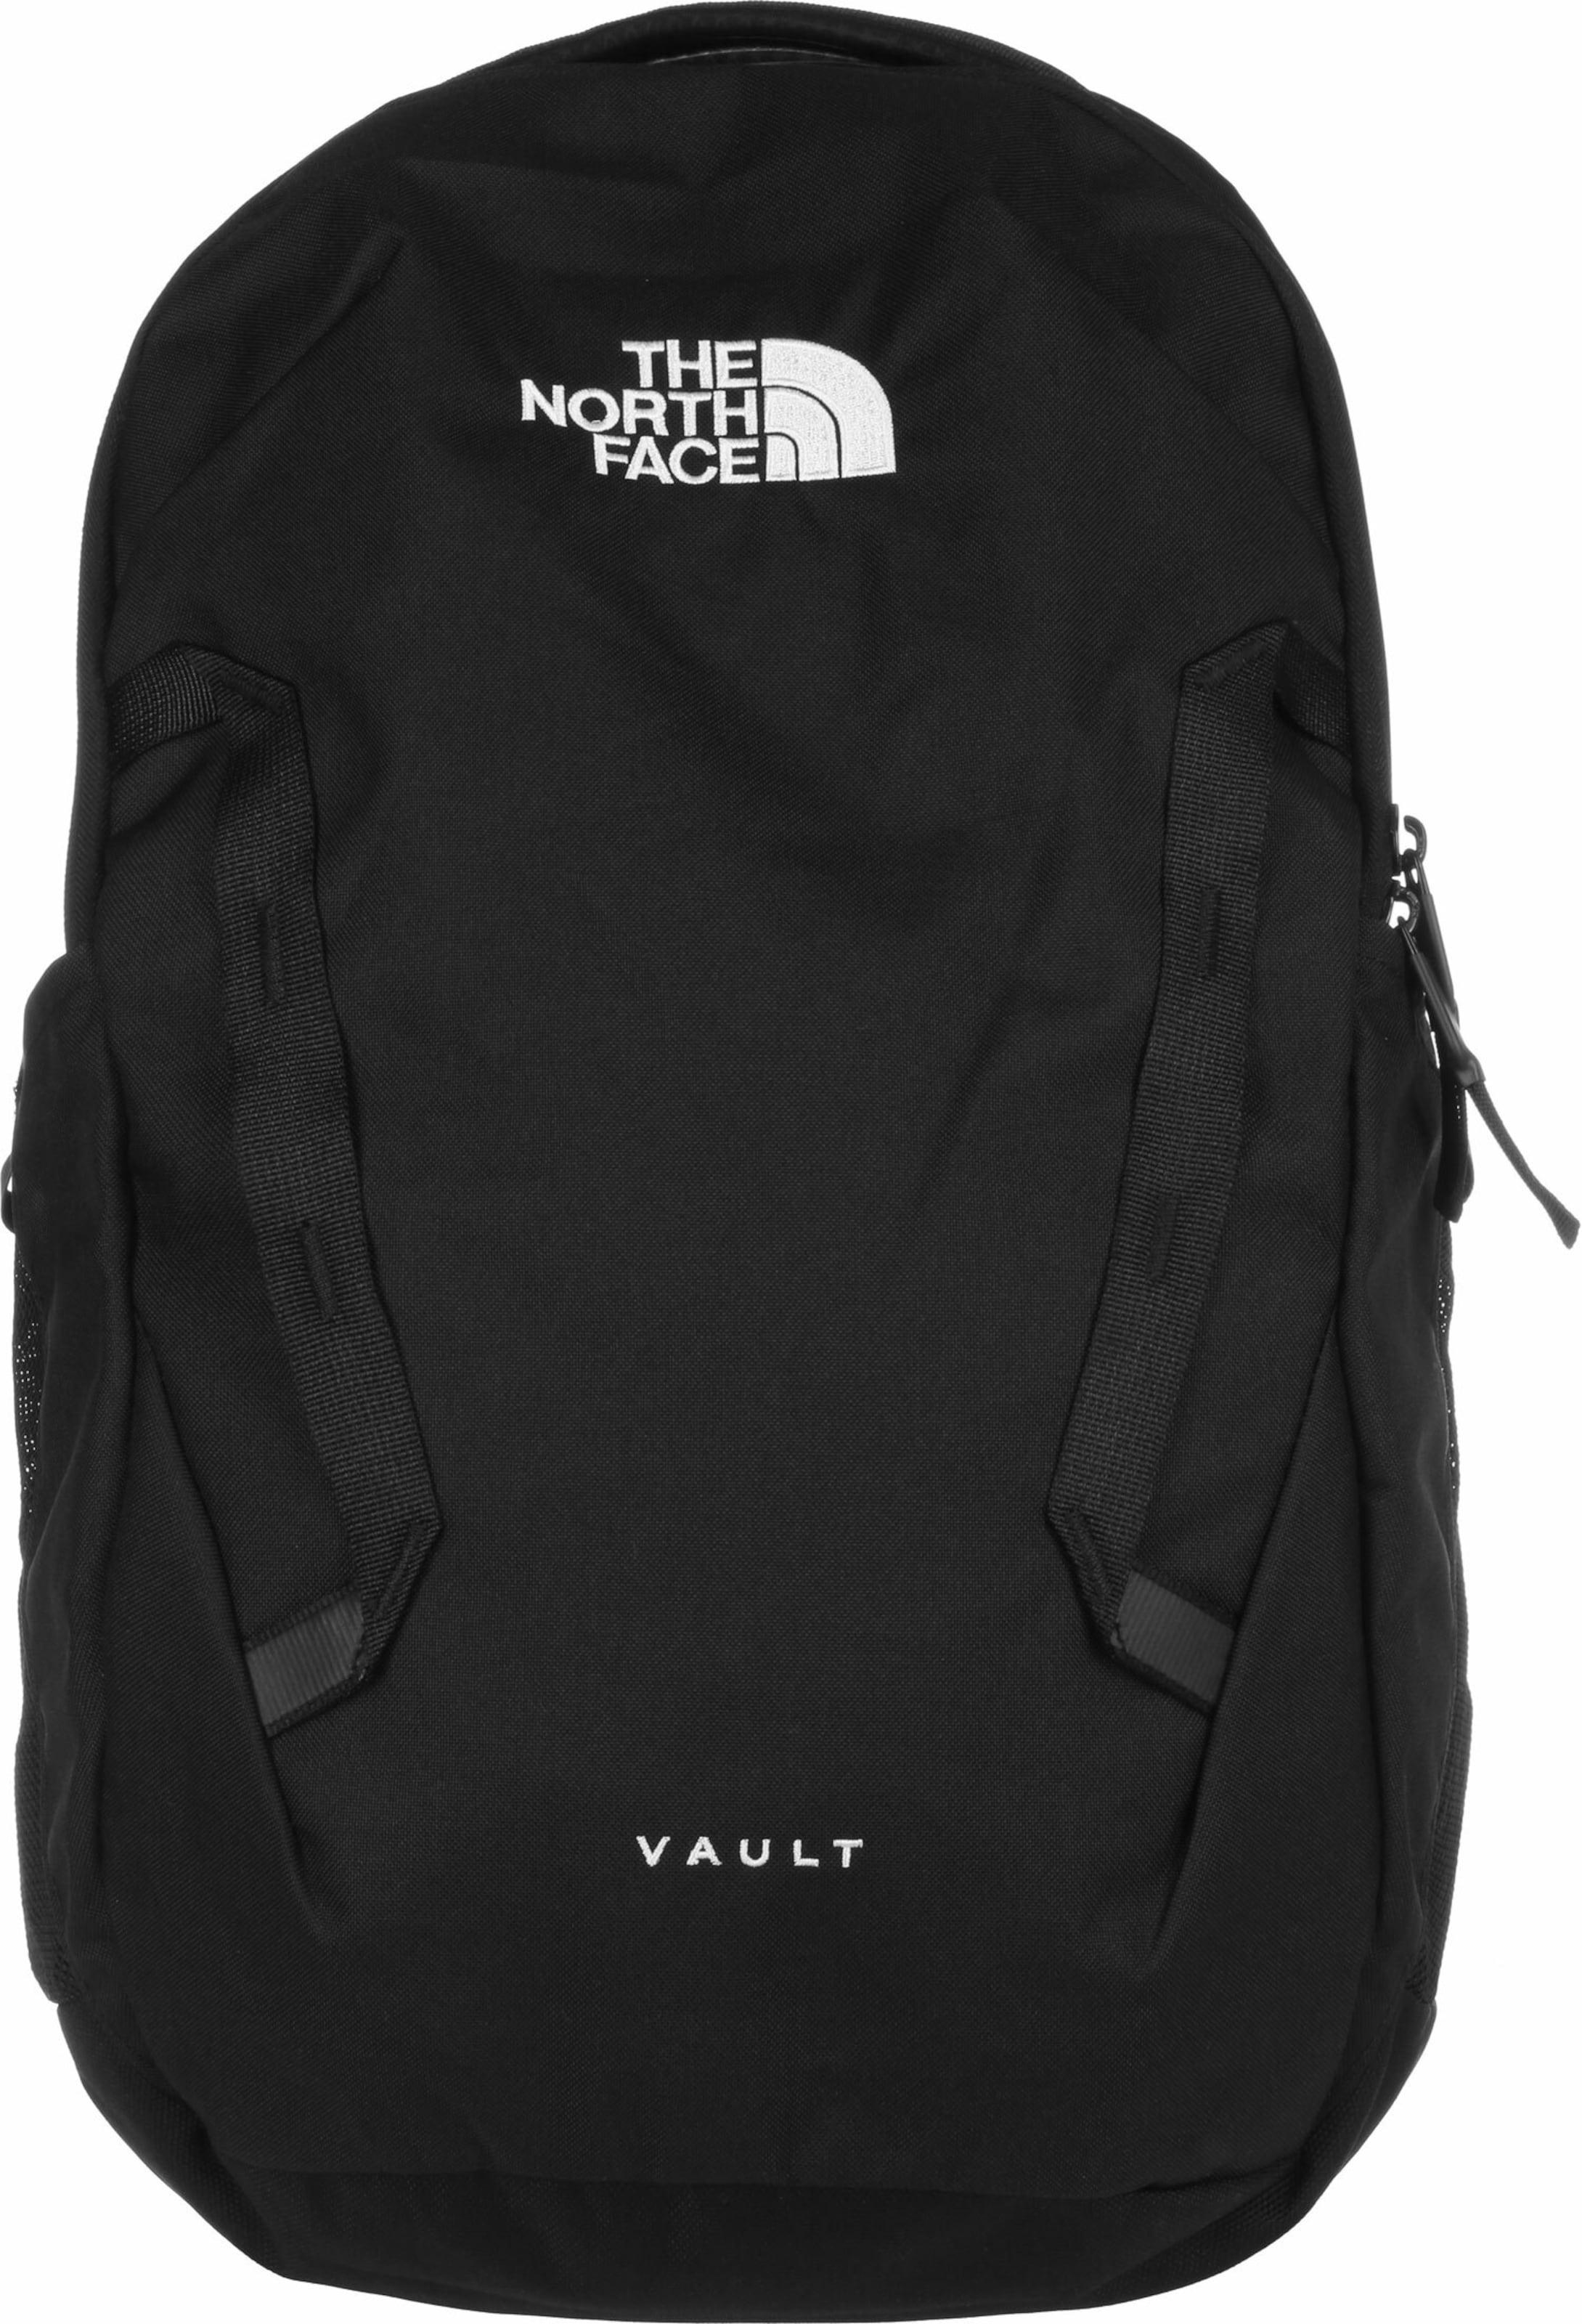 THE NORTH FACE Rucksack 'Vault' in schwarz